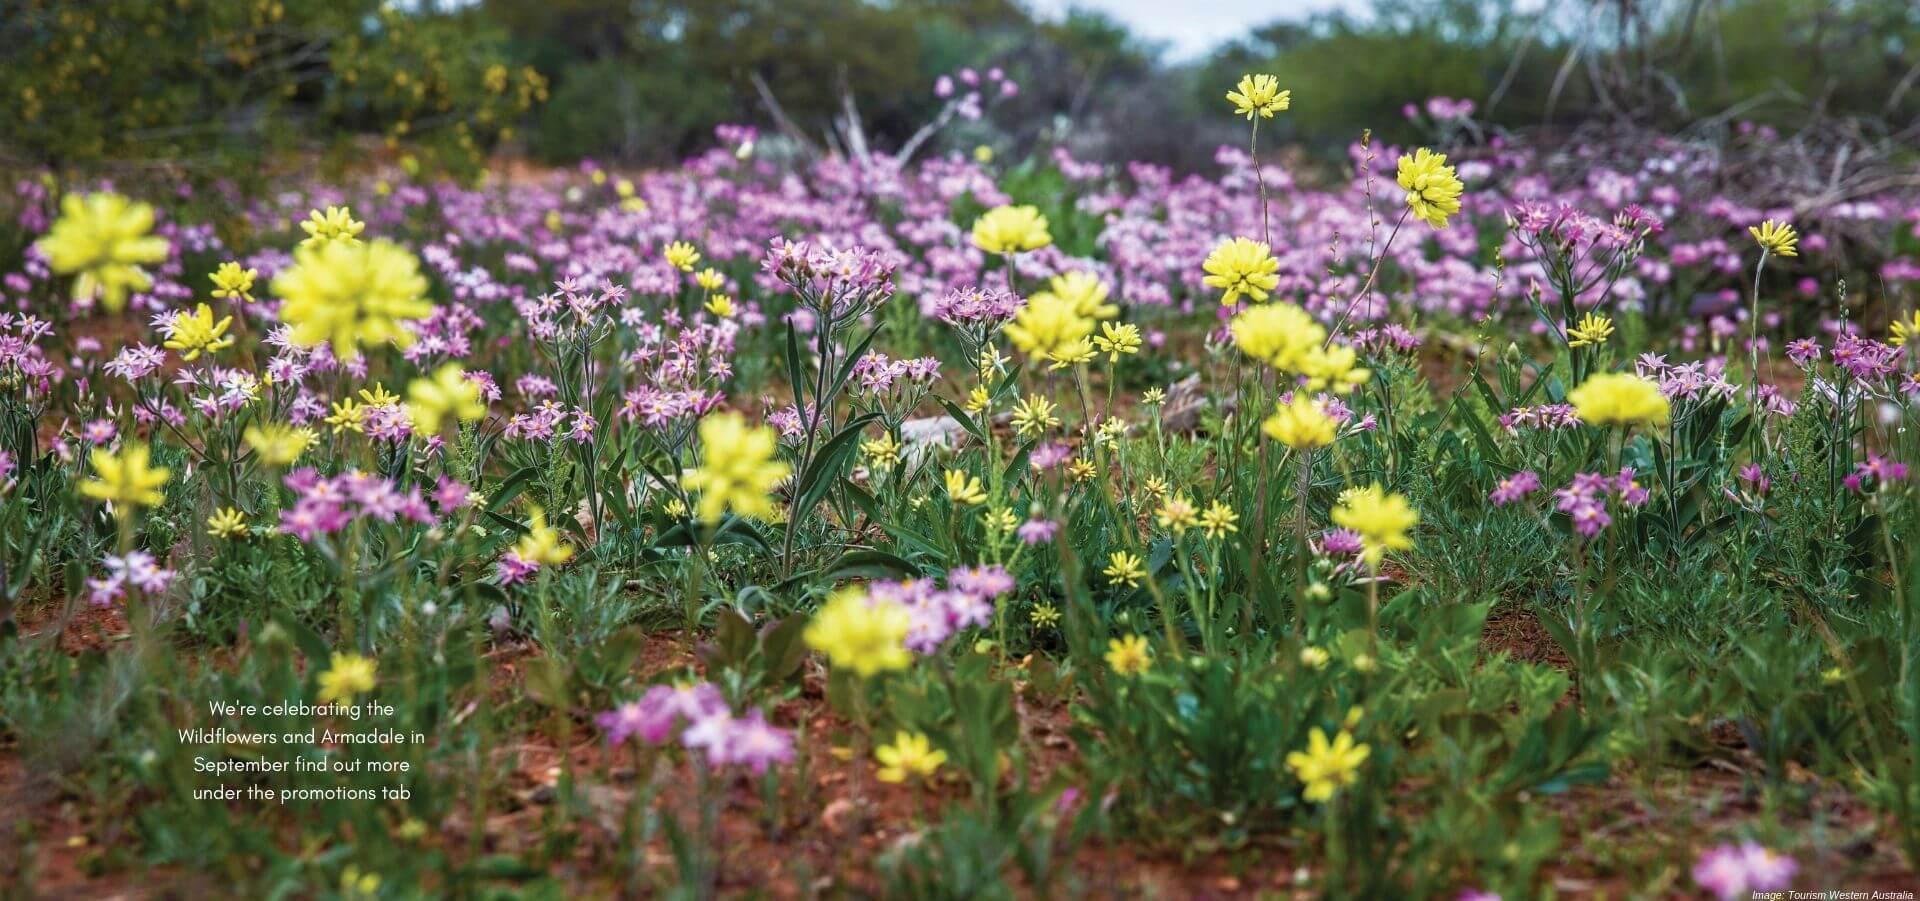 Field of Everlastings wildflowers in WA